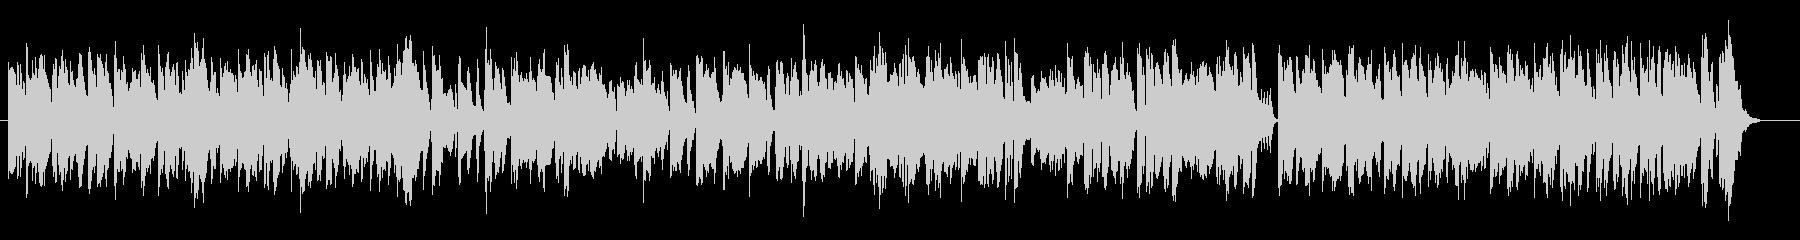 カエルを音楽で表現したユーモラスな曲の未再生の波形